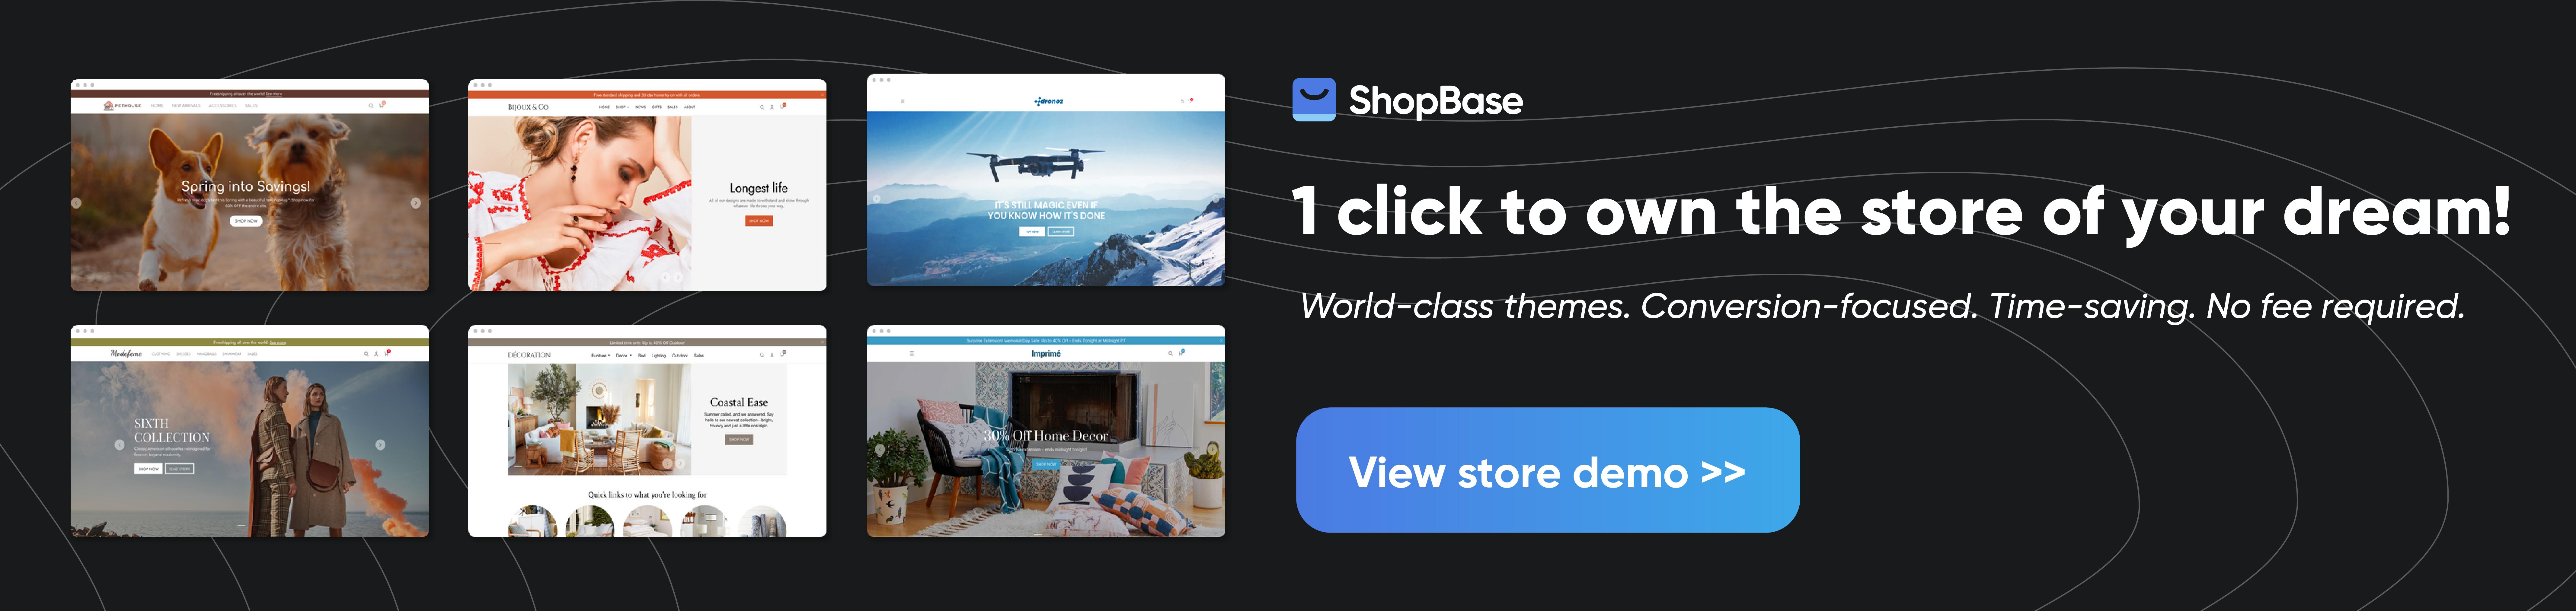 ShopBase storefront